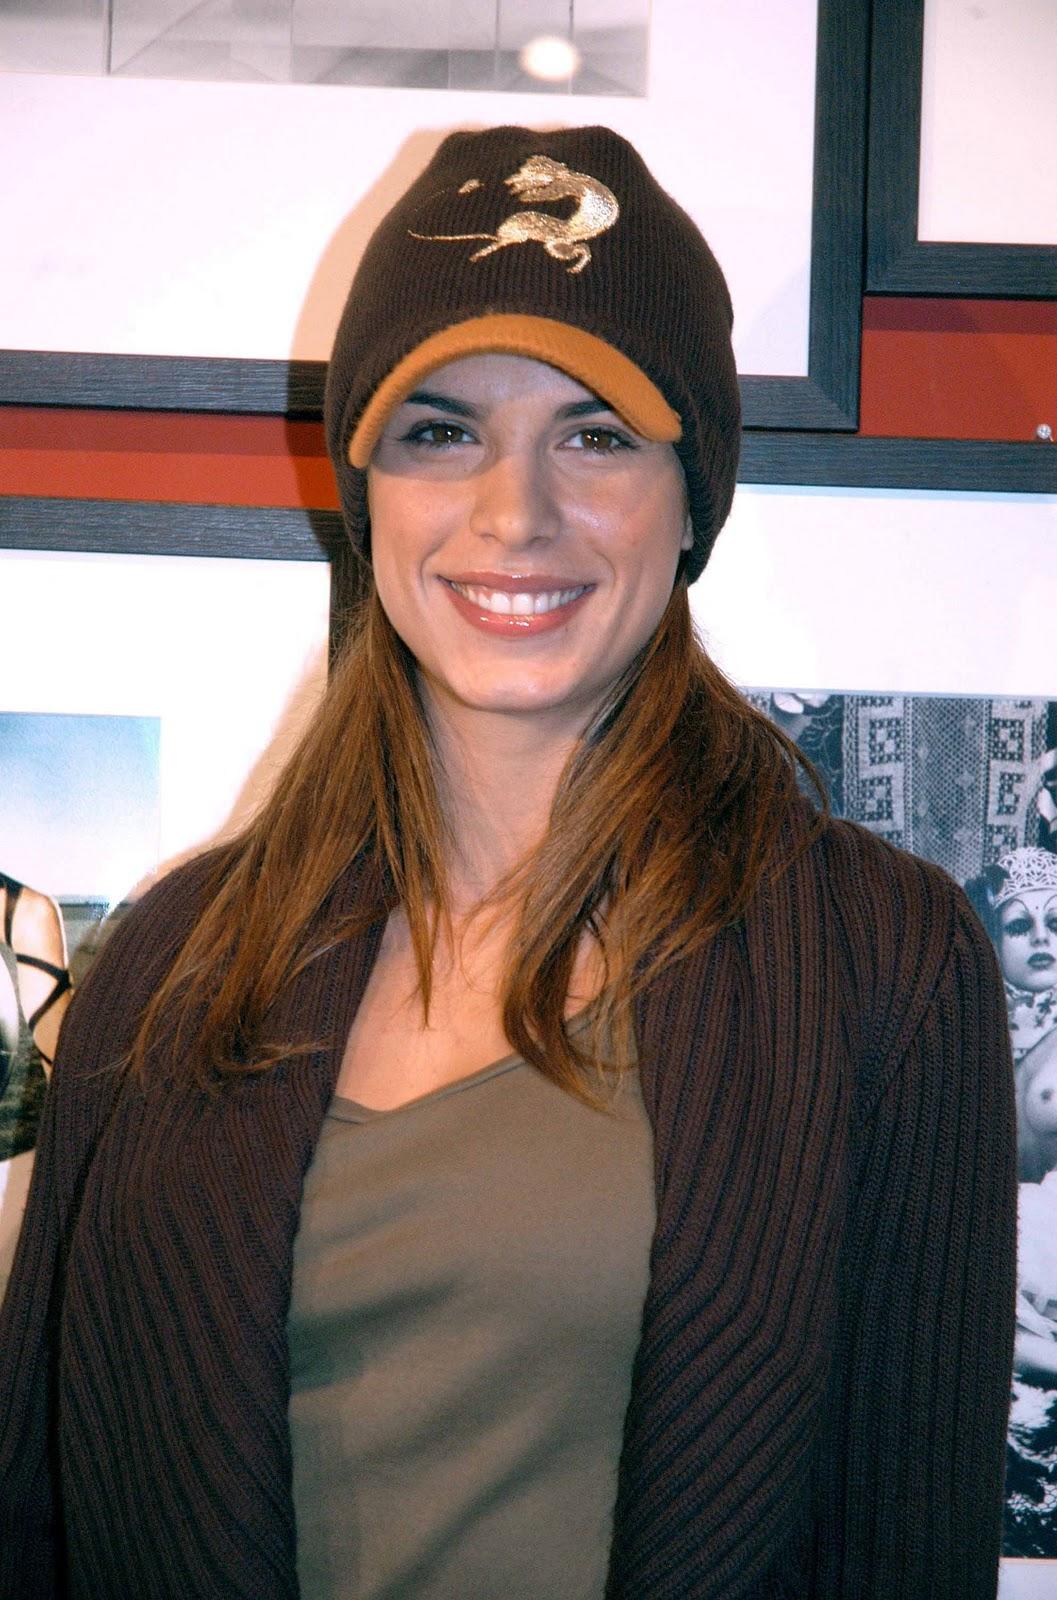 http://4.bp.blogspot.com/-VizzZeSf5p8/ToSTQLX5t6I/AAAAAAAAAcI/IBiQsoB8wuc/s1600/george-clooney-elisabetta-canalis-2010-golden-globe-awards-red-carpett-04.jpg